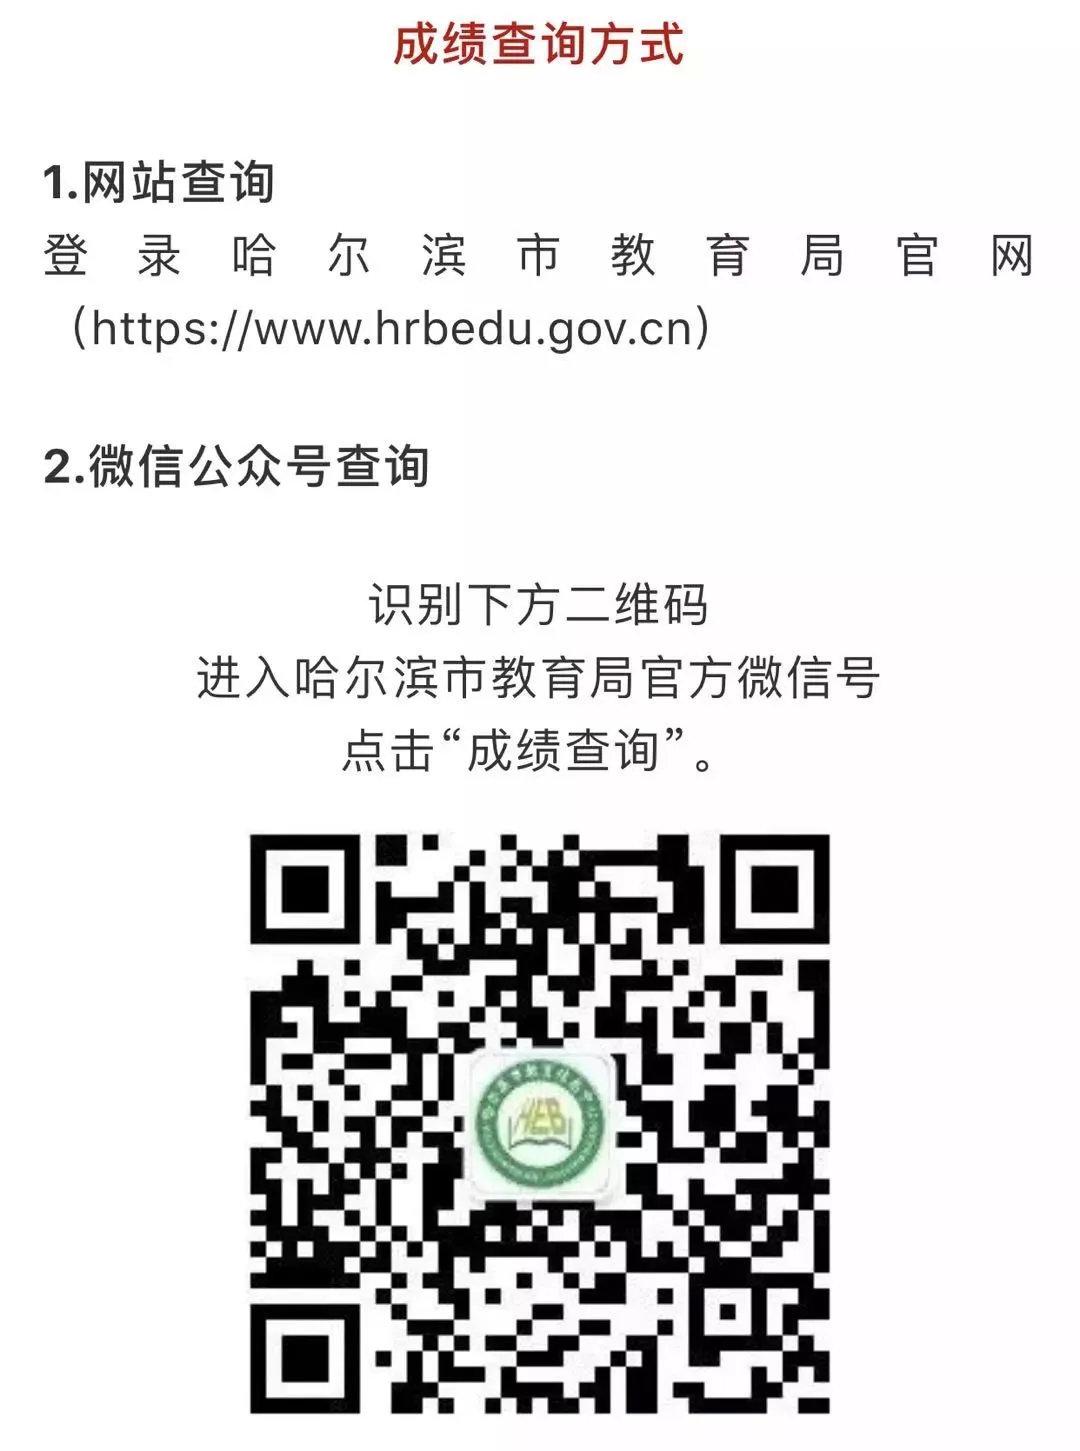 2019年黑龙江哈尔滨中考成绩查询时间及入口